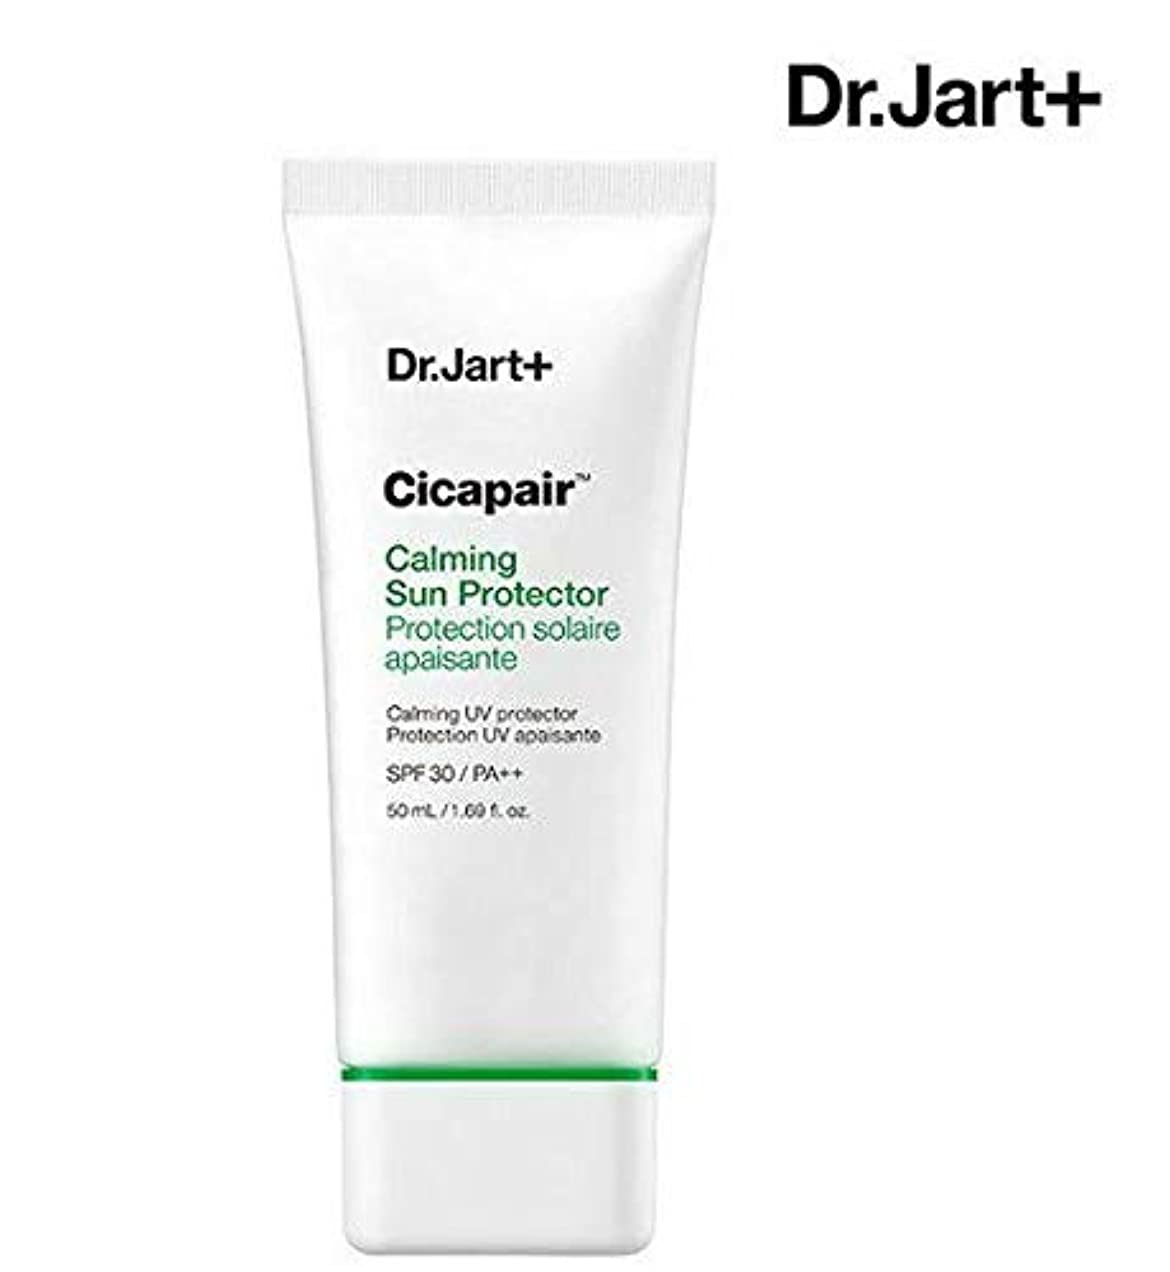 パイ想像力ハーブ[Dr.Jart+] Cicapair Calming Sun Protector 50ml / シカペアカミングサンプロテクター50ml [並行輸入品]